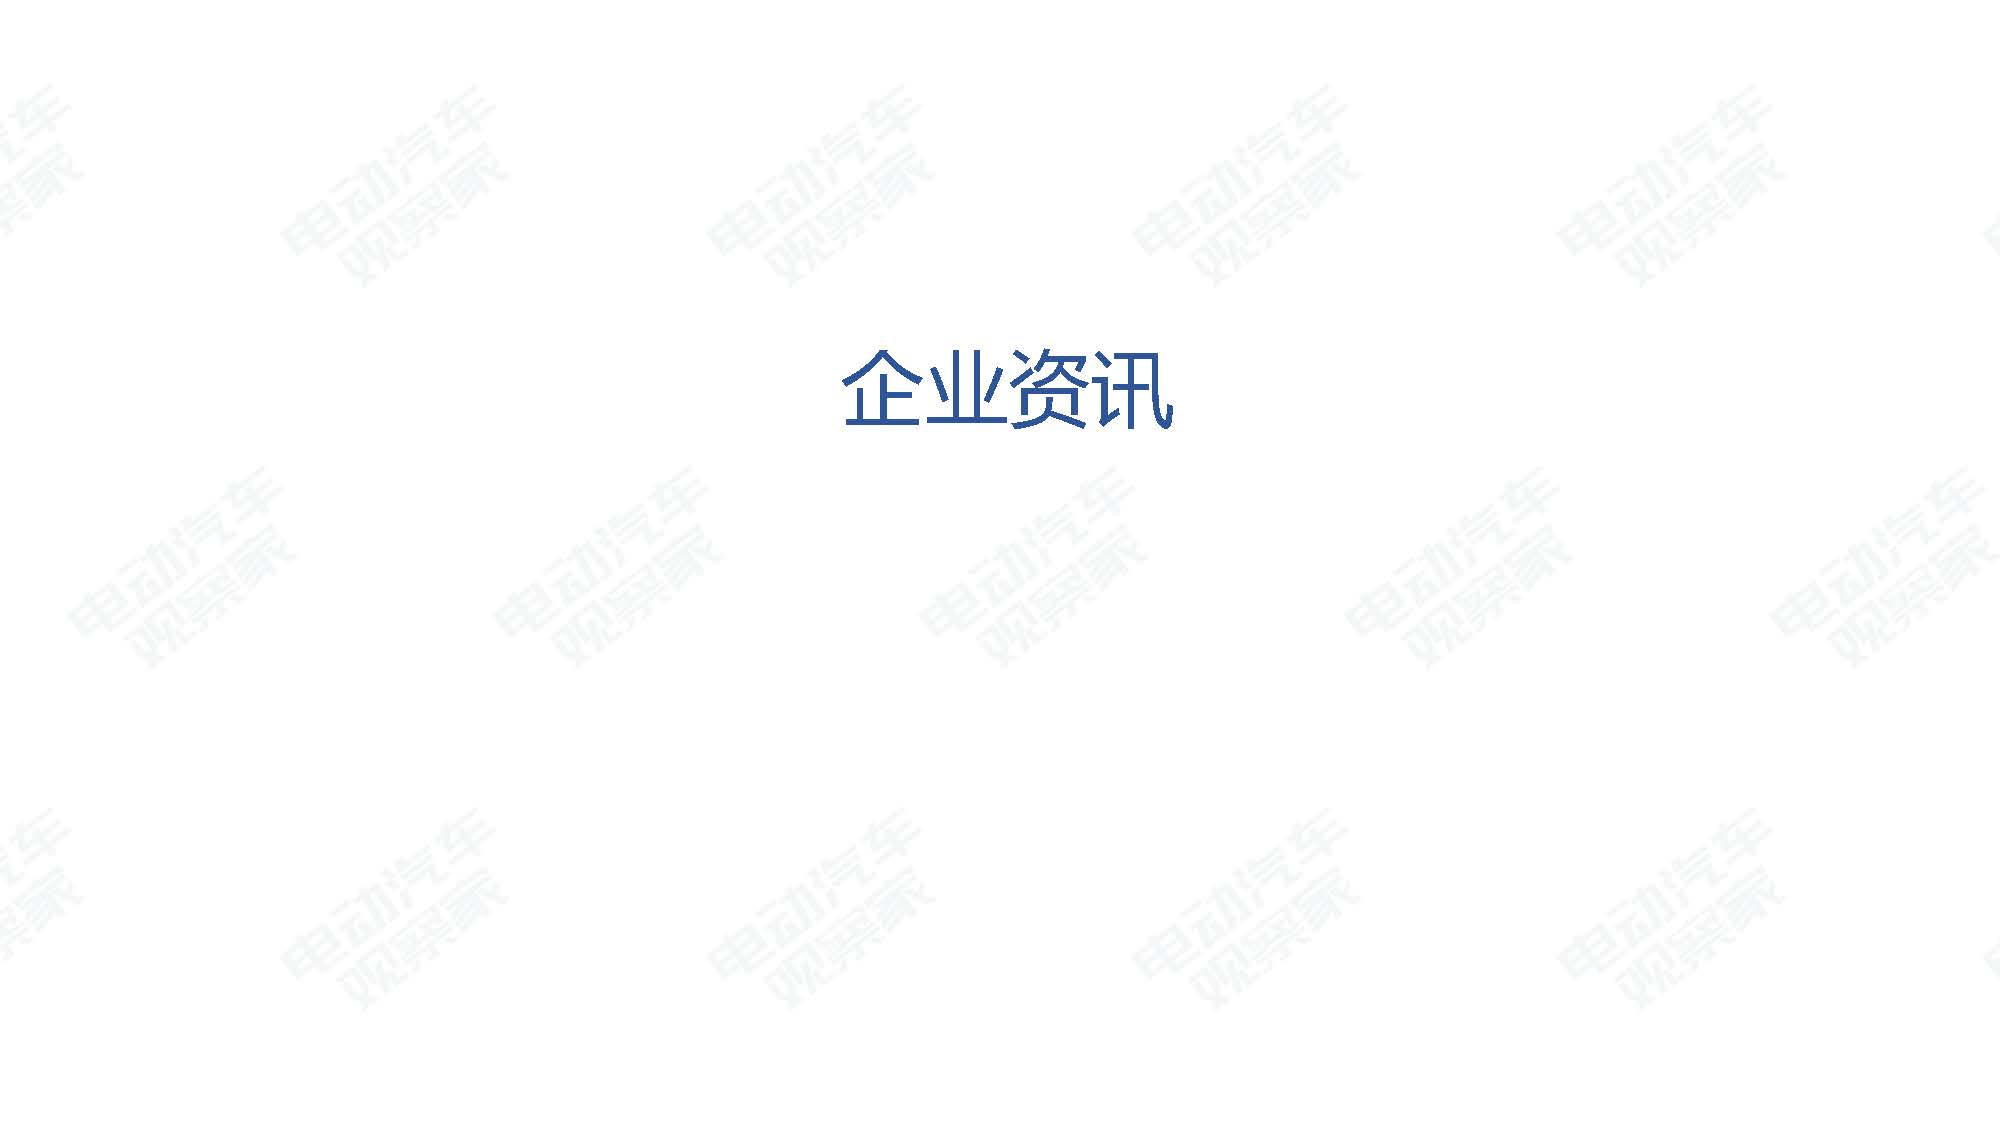 2019年11月中国新能源汽车产业观察_页面_128